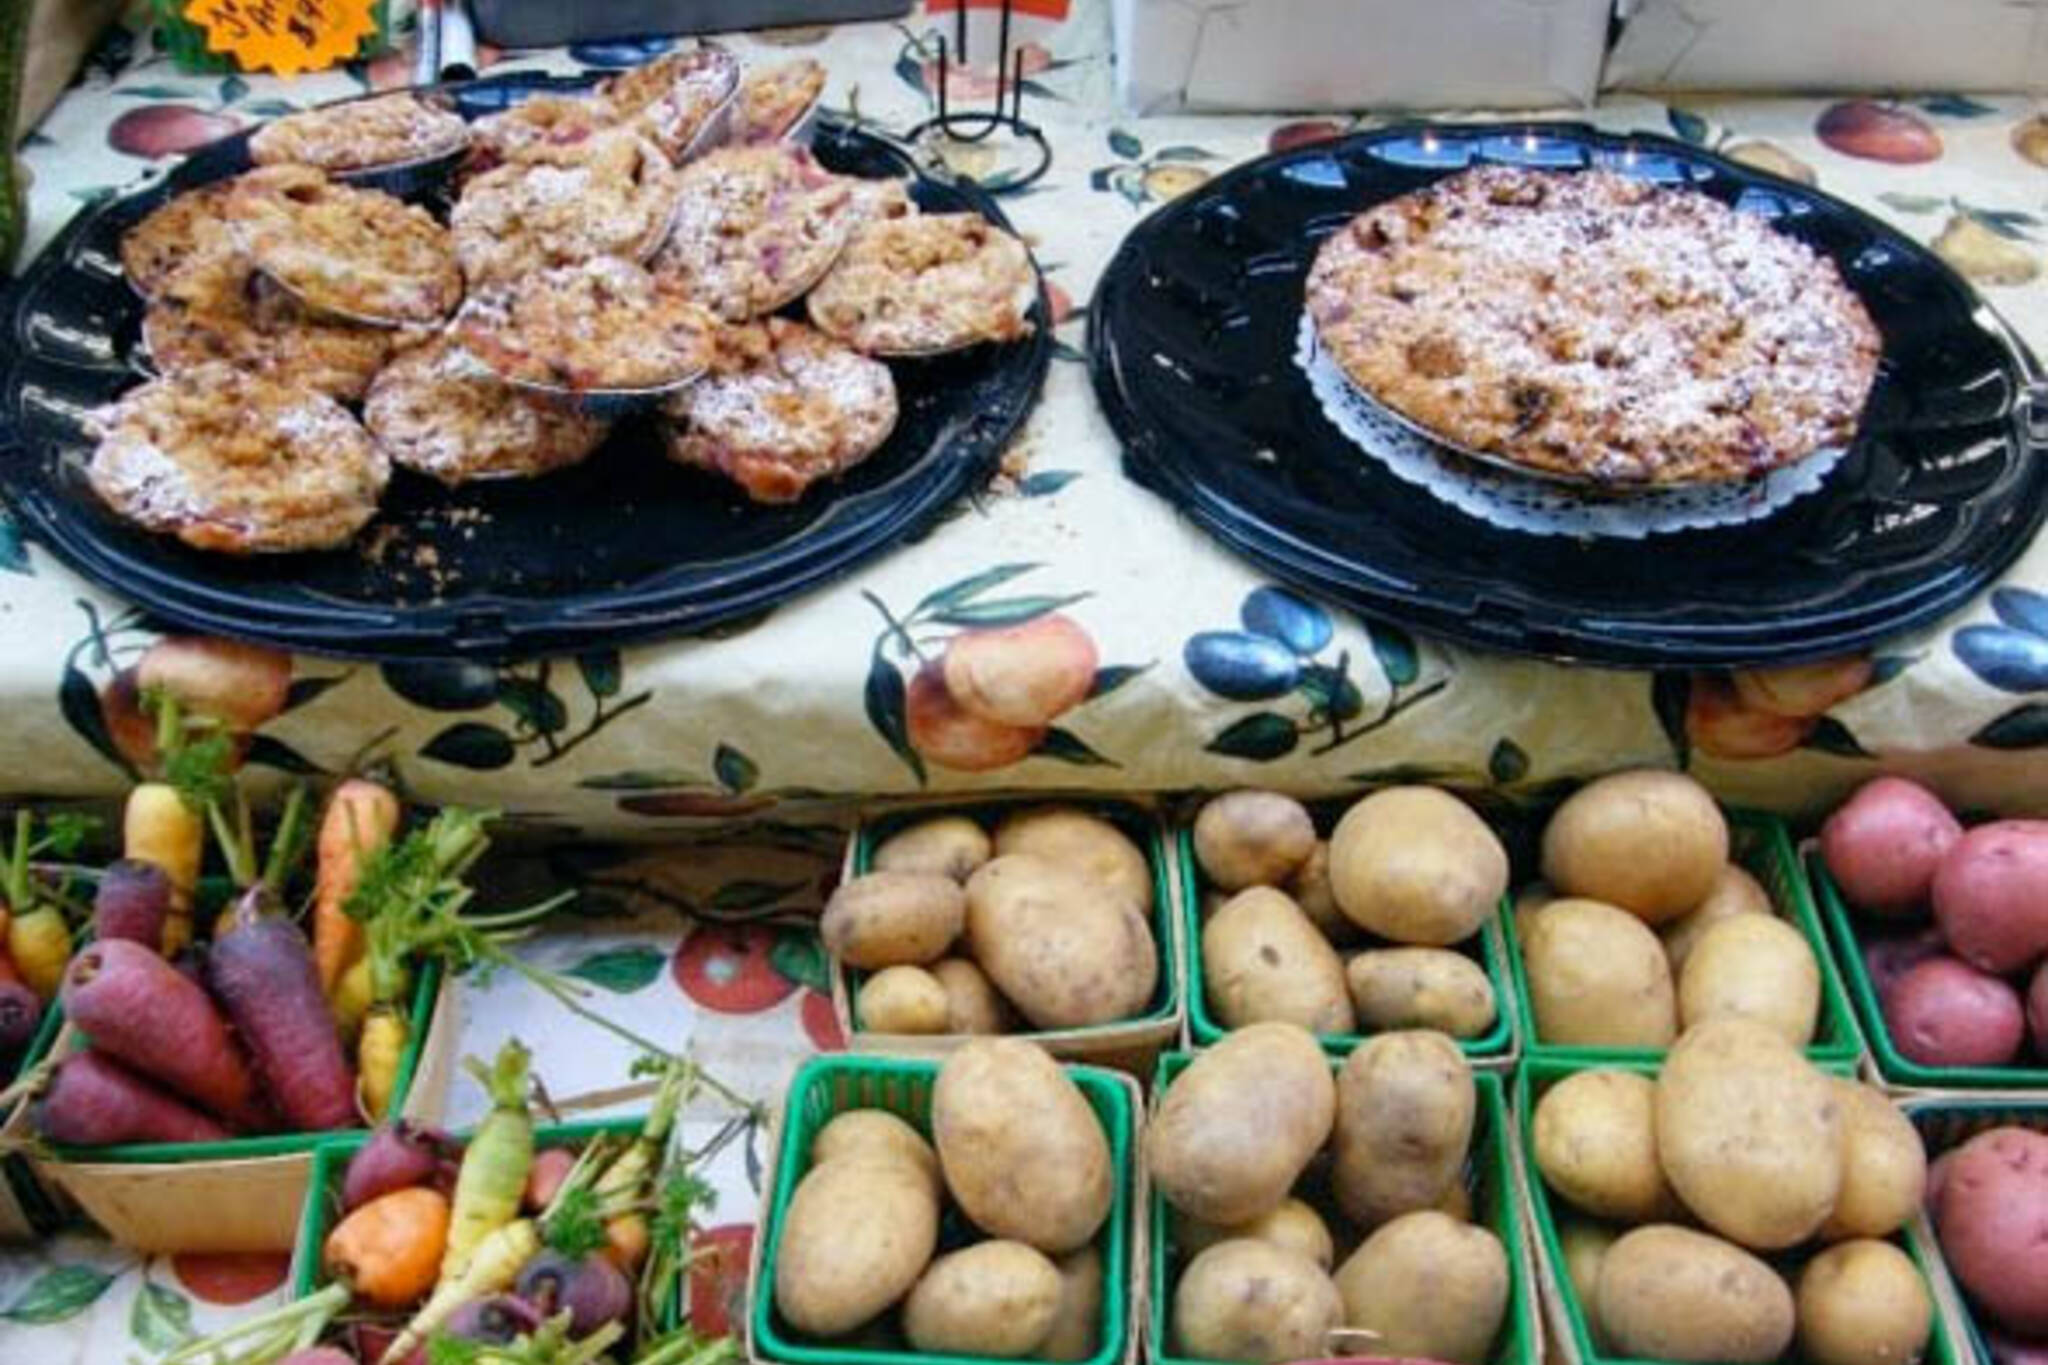 Wychwood Barns Farmers Market